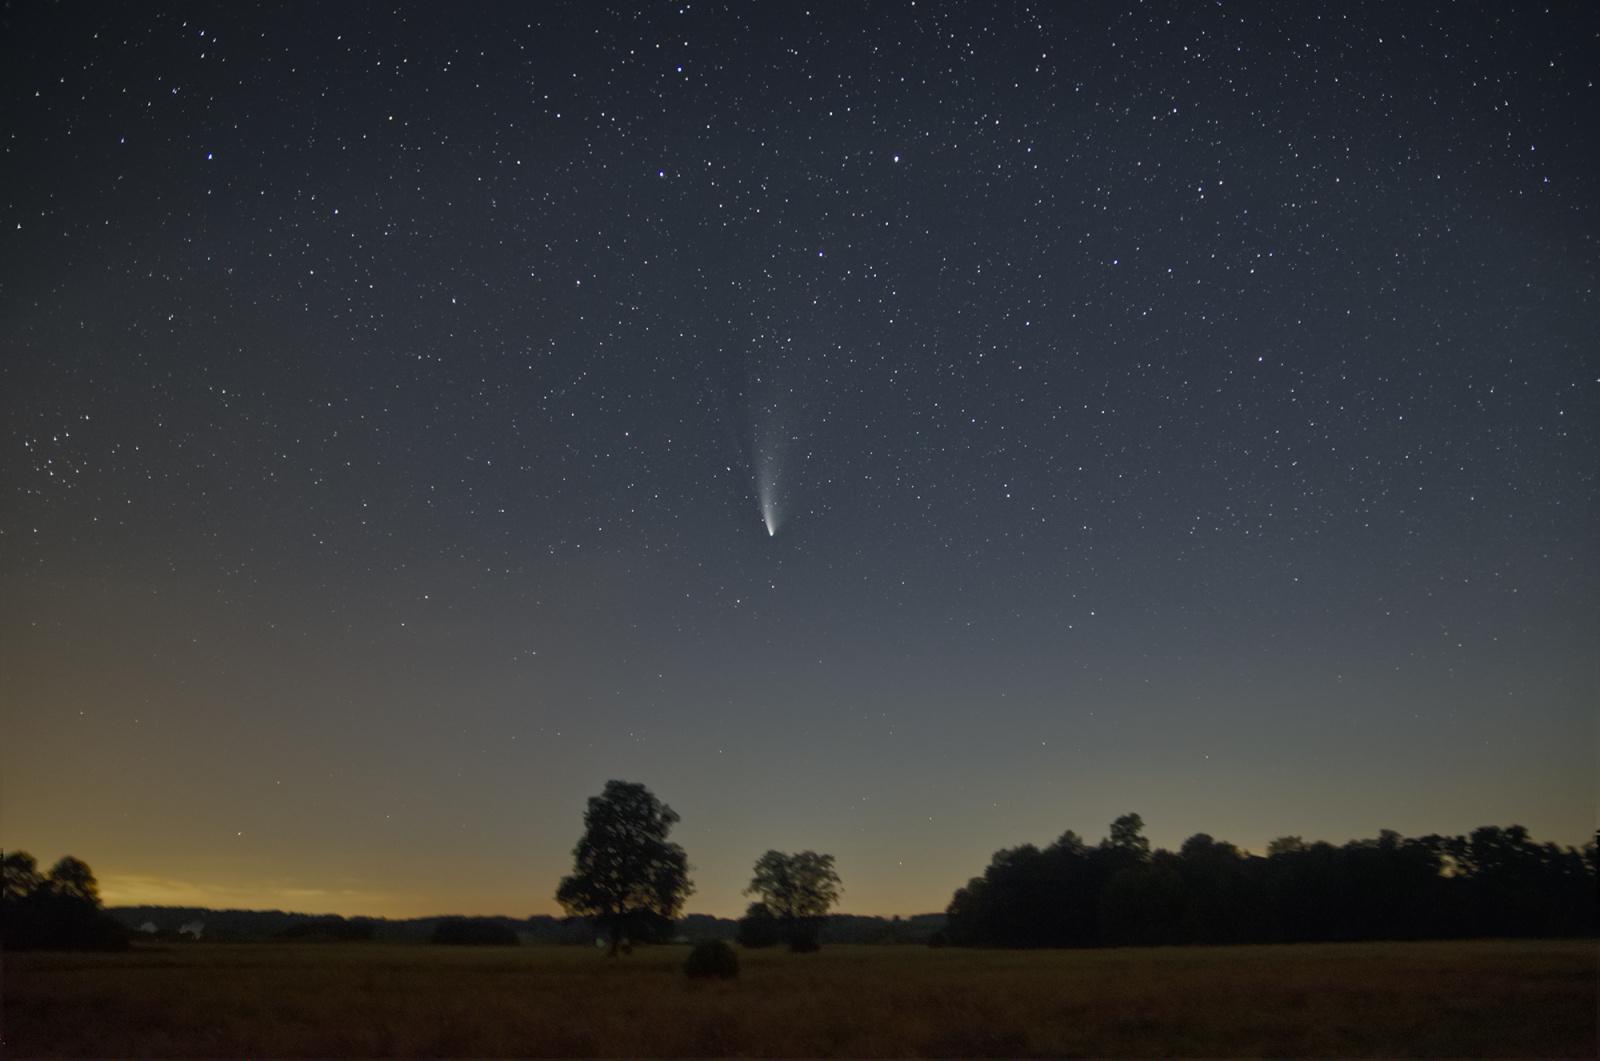 kometa.neowise-2.thumb.jpg.e145b743ad80148e56cddbbd2dfc6bef.jpg